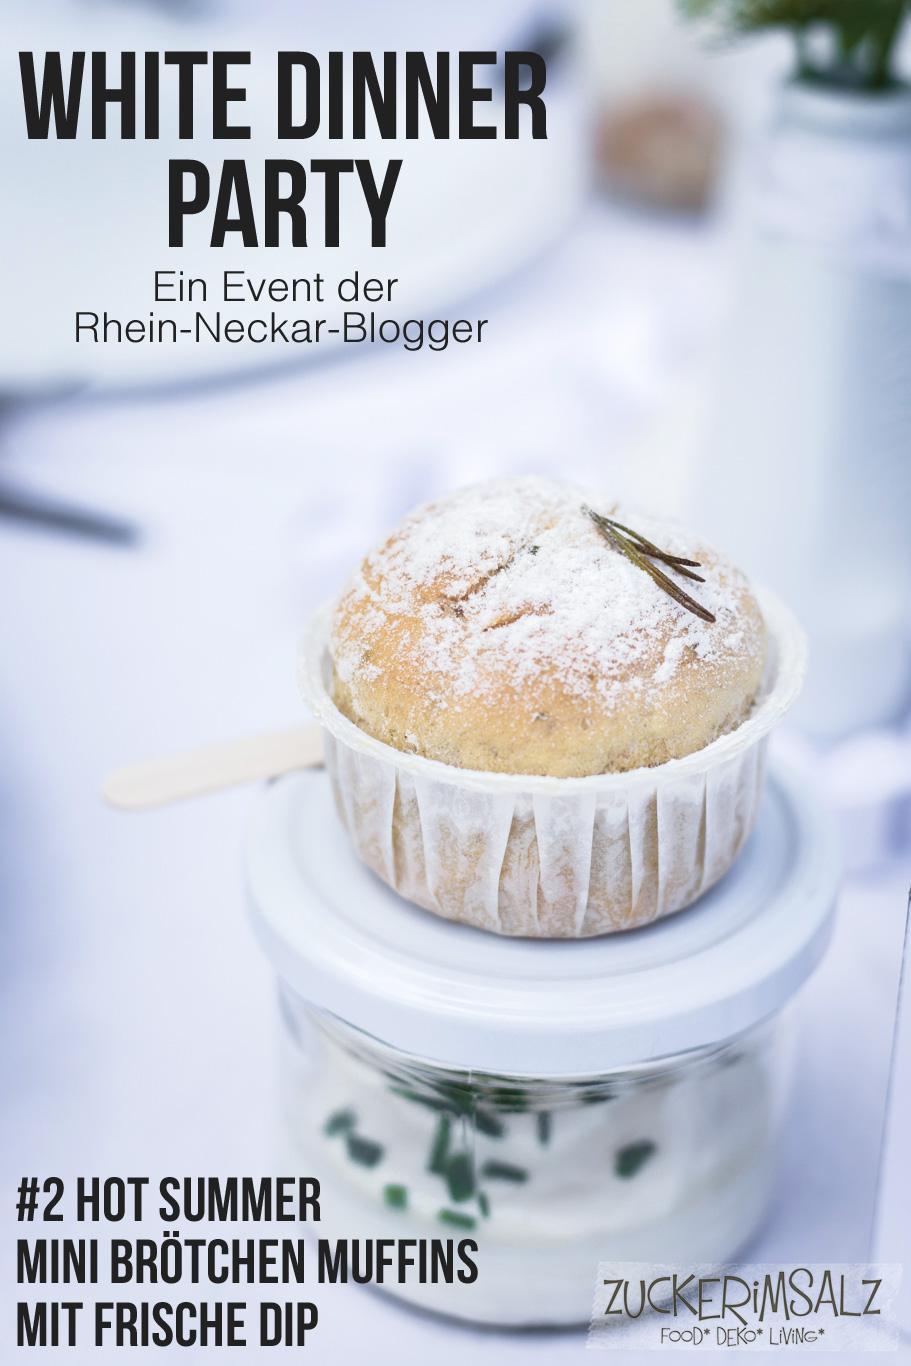 #2 Hot Summer Mini Brötchen Muffins mit Frische Dip … das White Dinner Event der Rhein Neckar Blogger